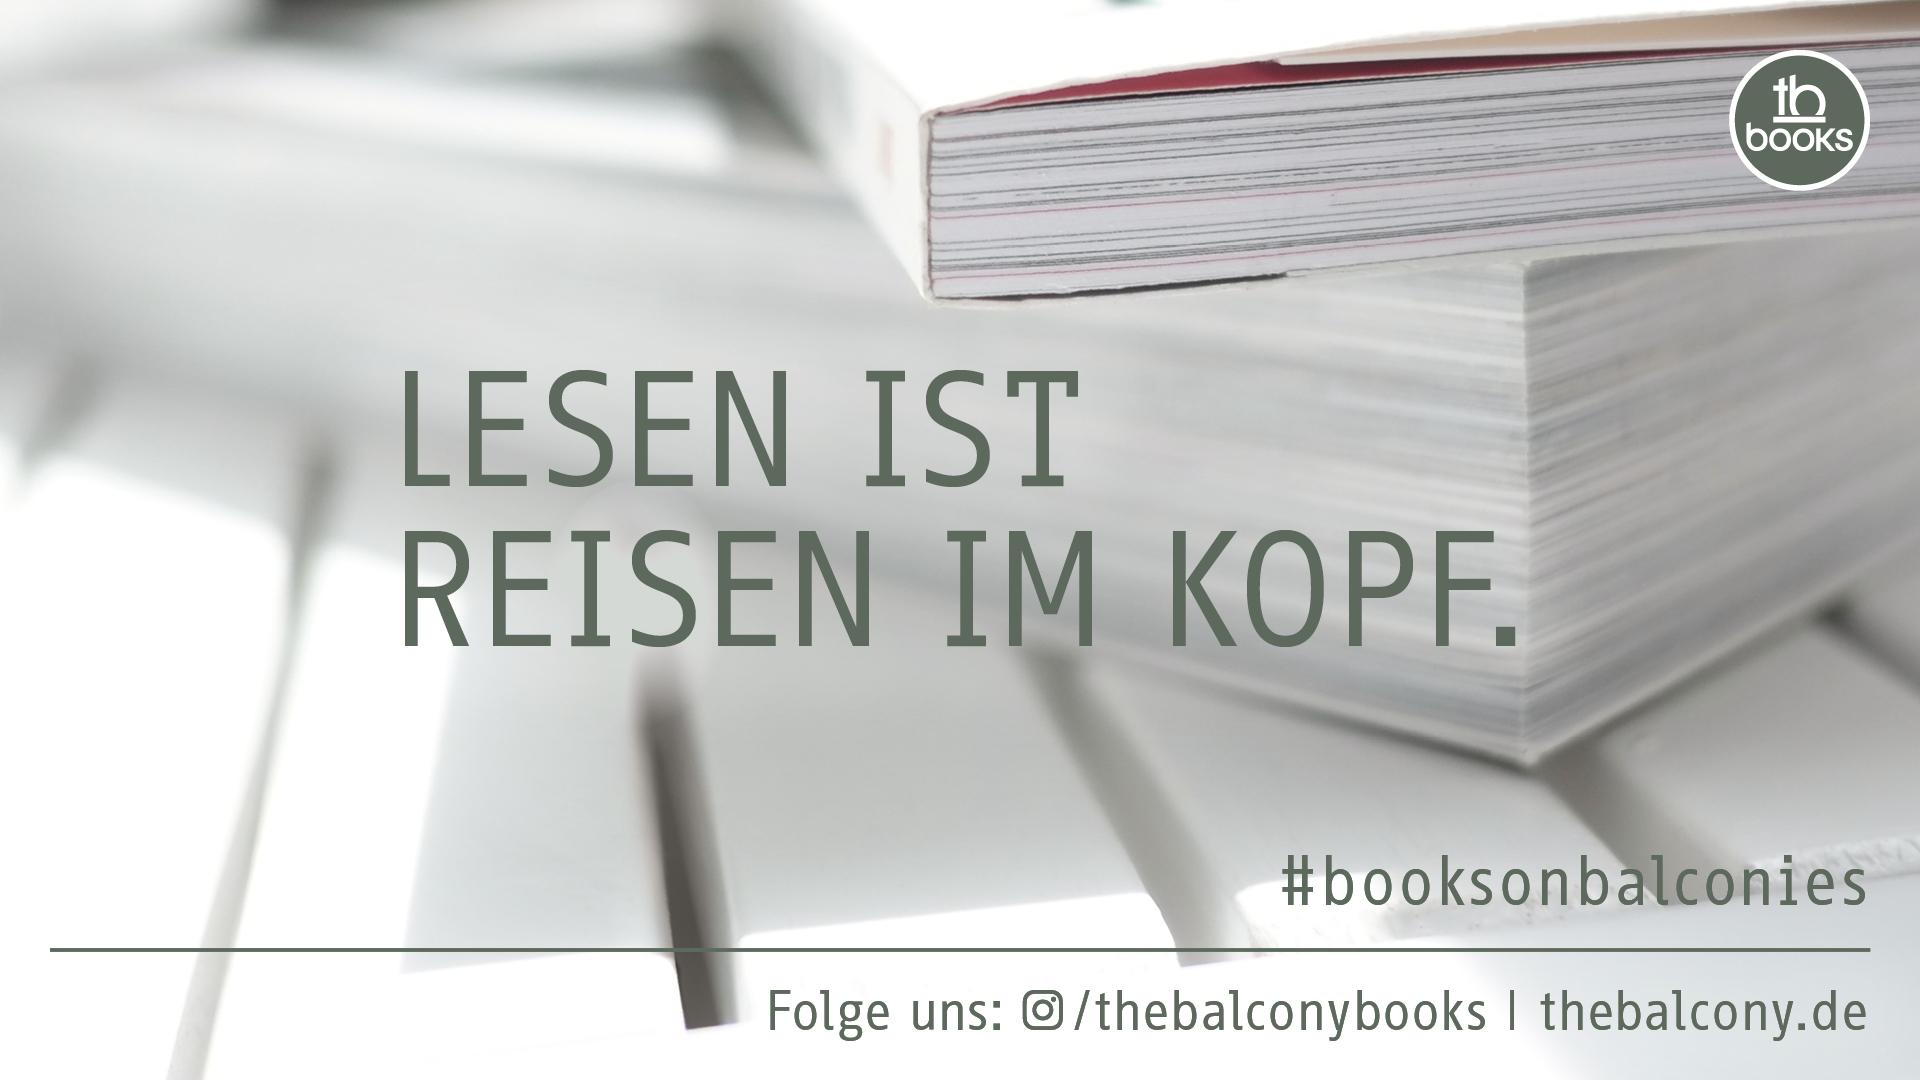 Lesen ist Reisen im Kopf